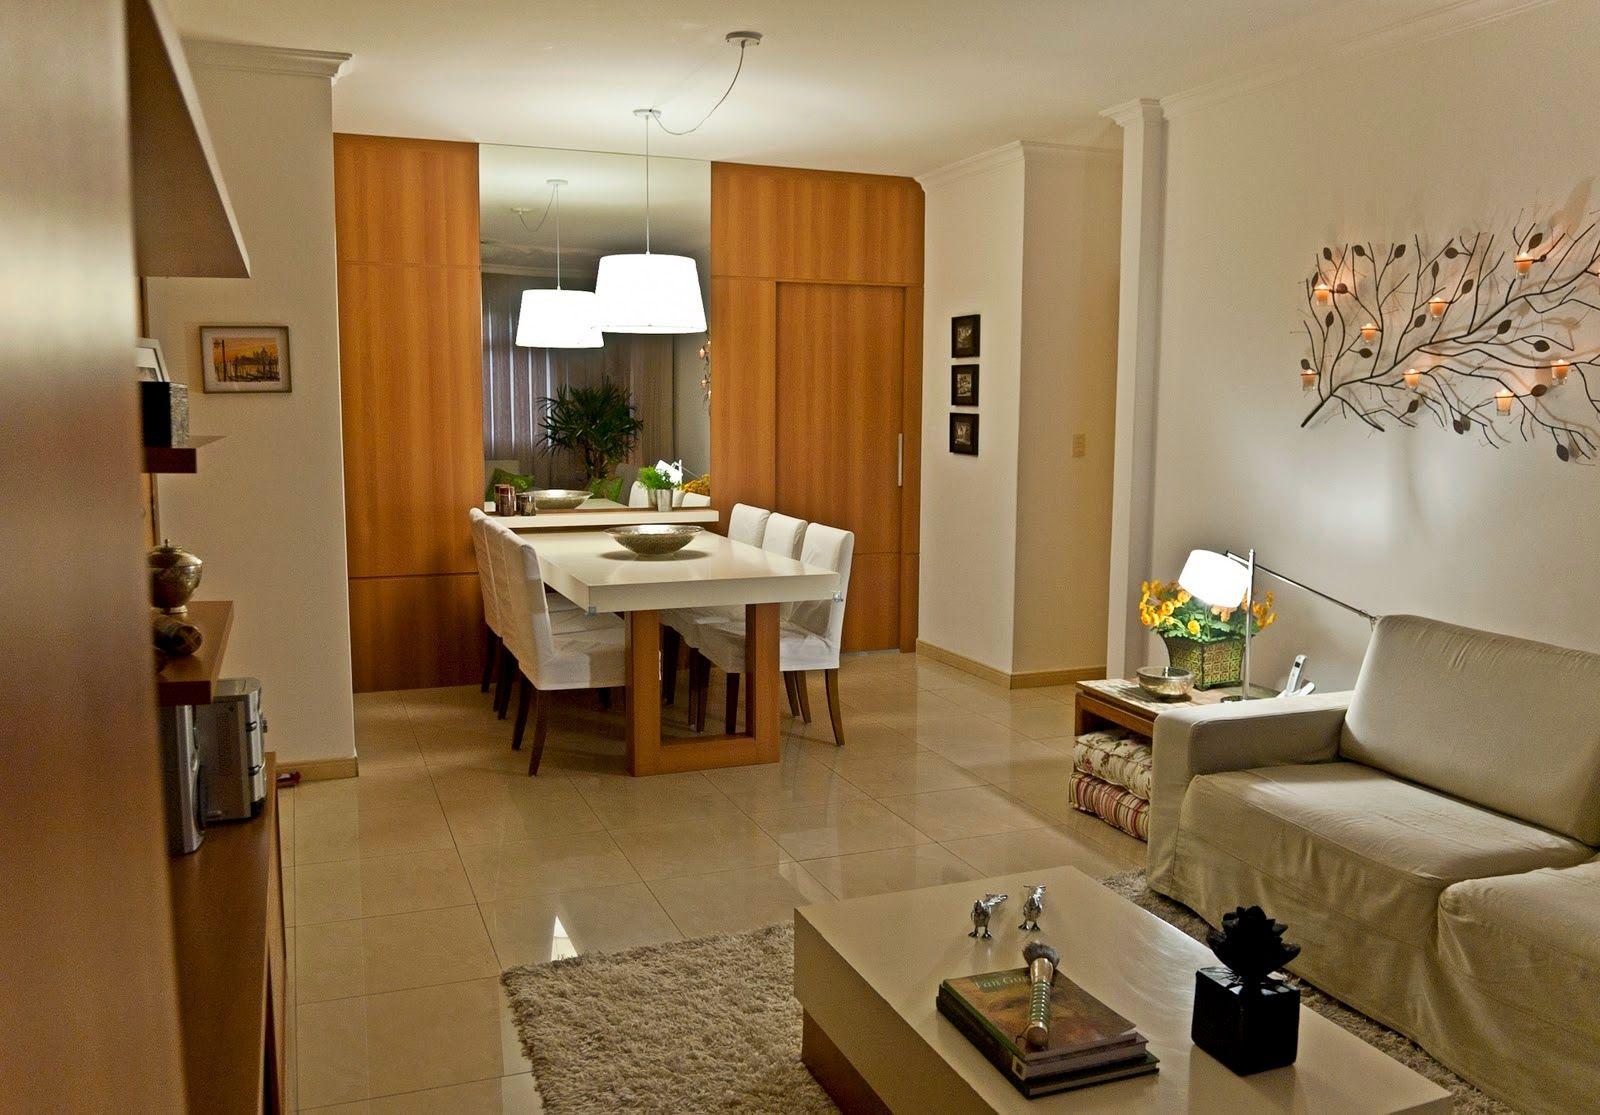 Meu Mini Ap Dica Aprendendo A Utilizar Melhor O Espa O Da Sala  -> Lustres Para Sala De Apartamento Pequeno